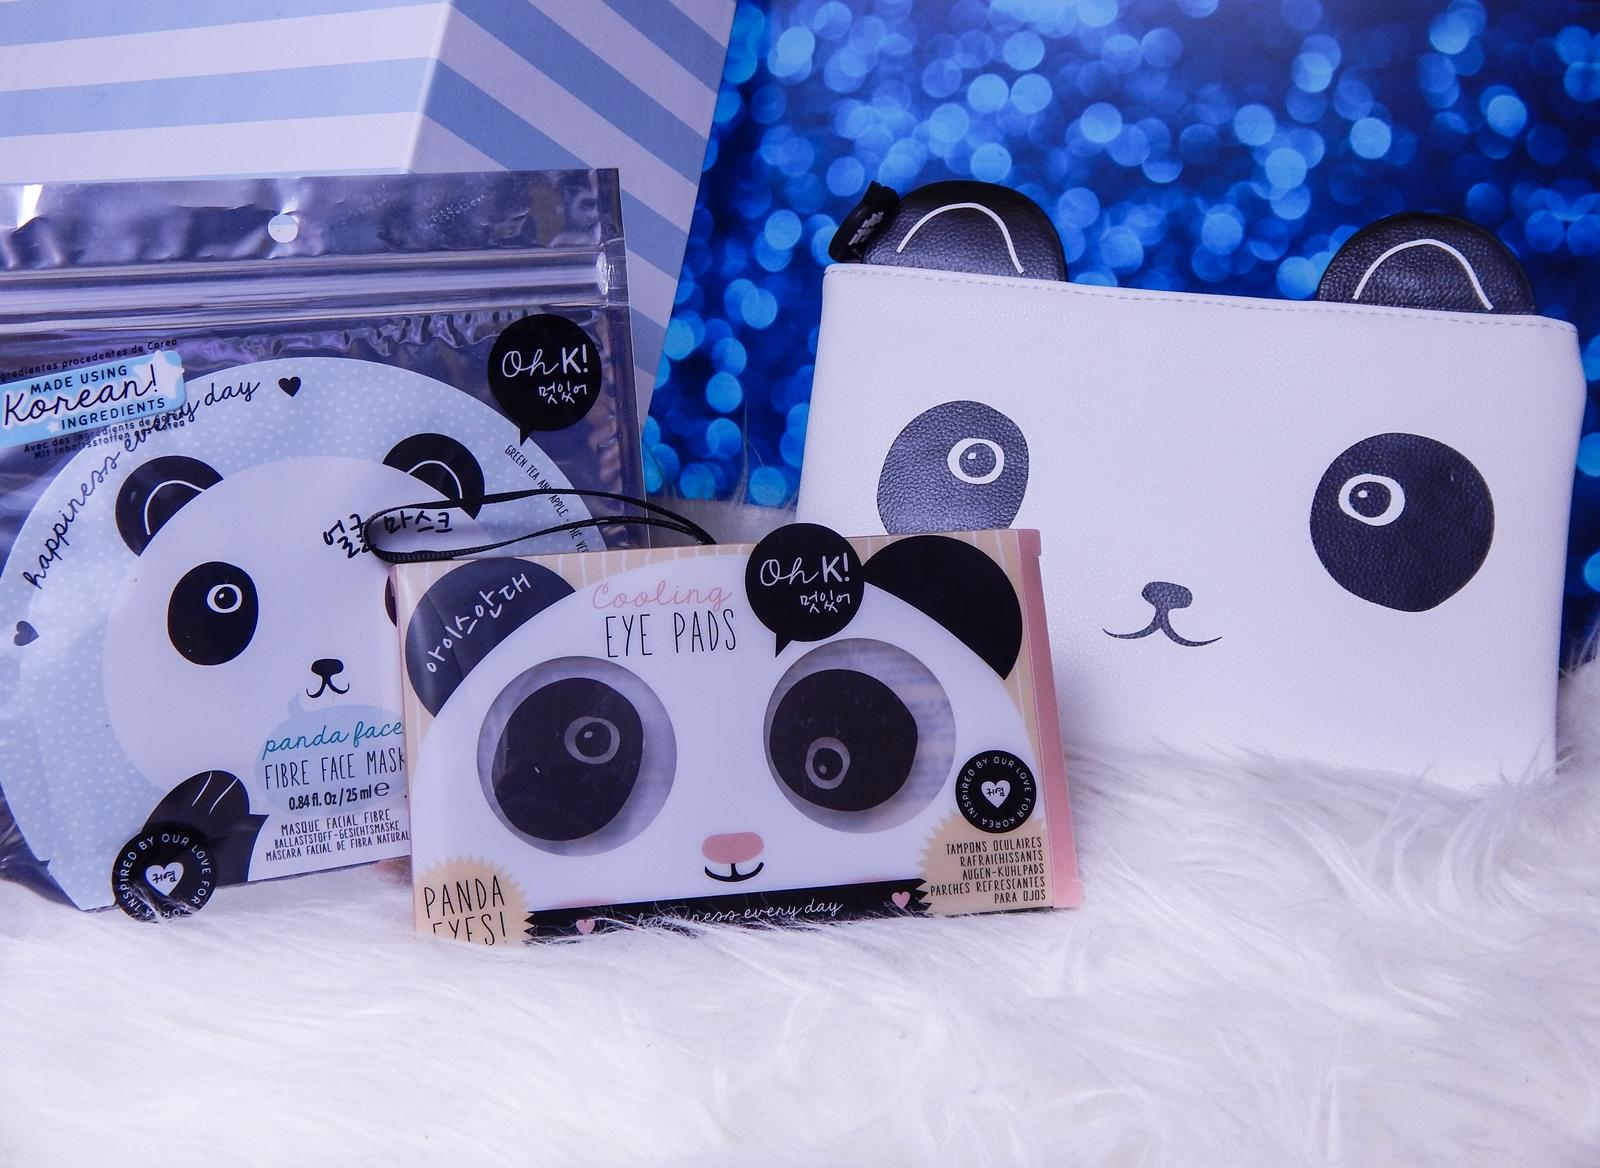 1 Oh! K Life koreańskie kosmetyki i gadżety słodkie dziewczęce dodatki maska do twarzy panda kosmetyczka w kształcie pandy lodowe płatki chłodzące okłady na oczy przeciw sińcom jak pozbyć się sińców pod oczami